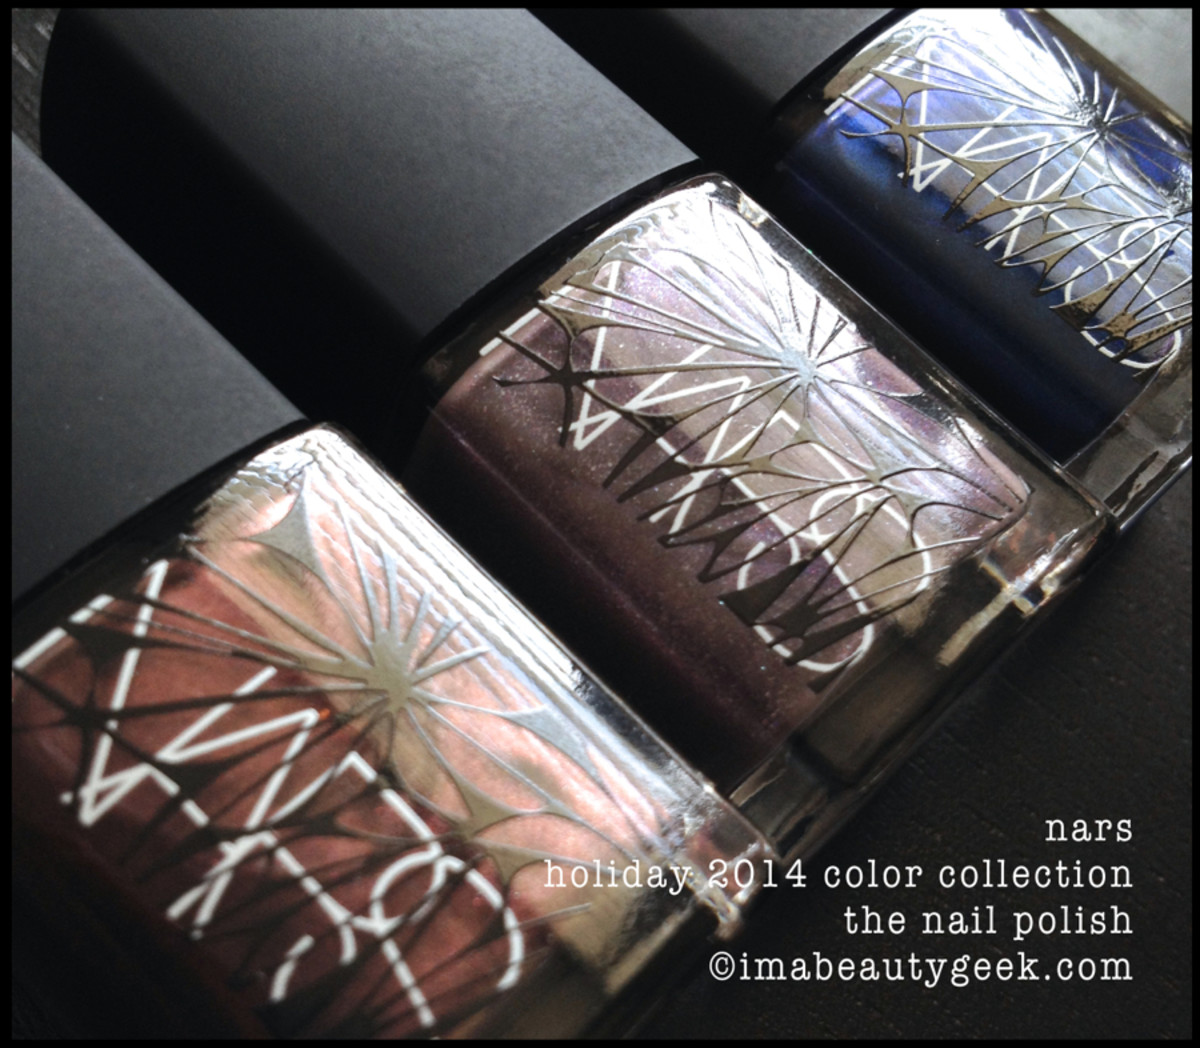 NARS holiday 2014 nail polish Color Collection